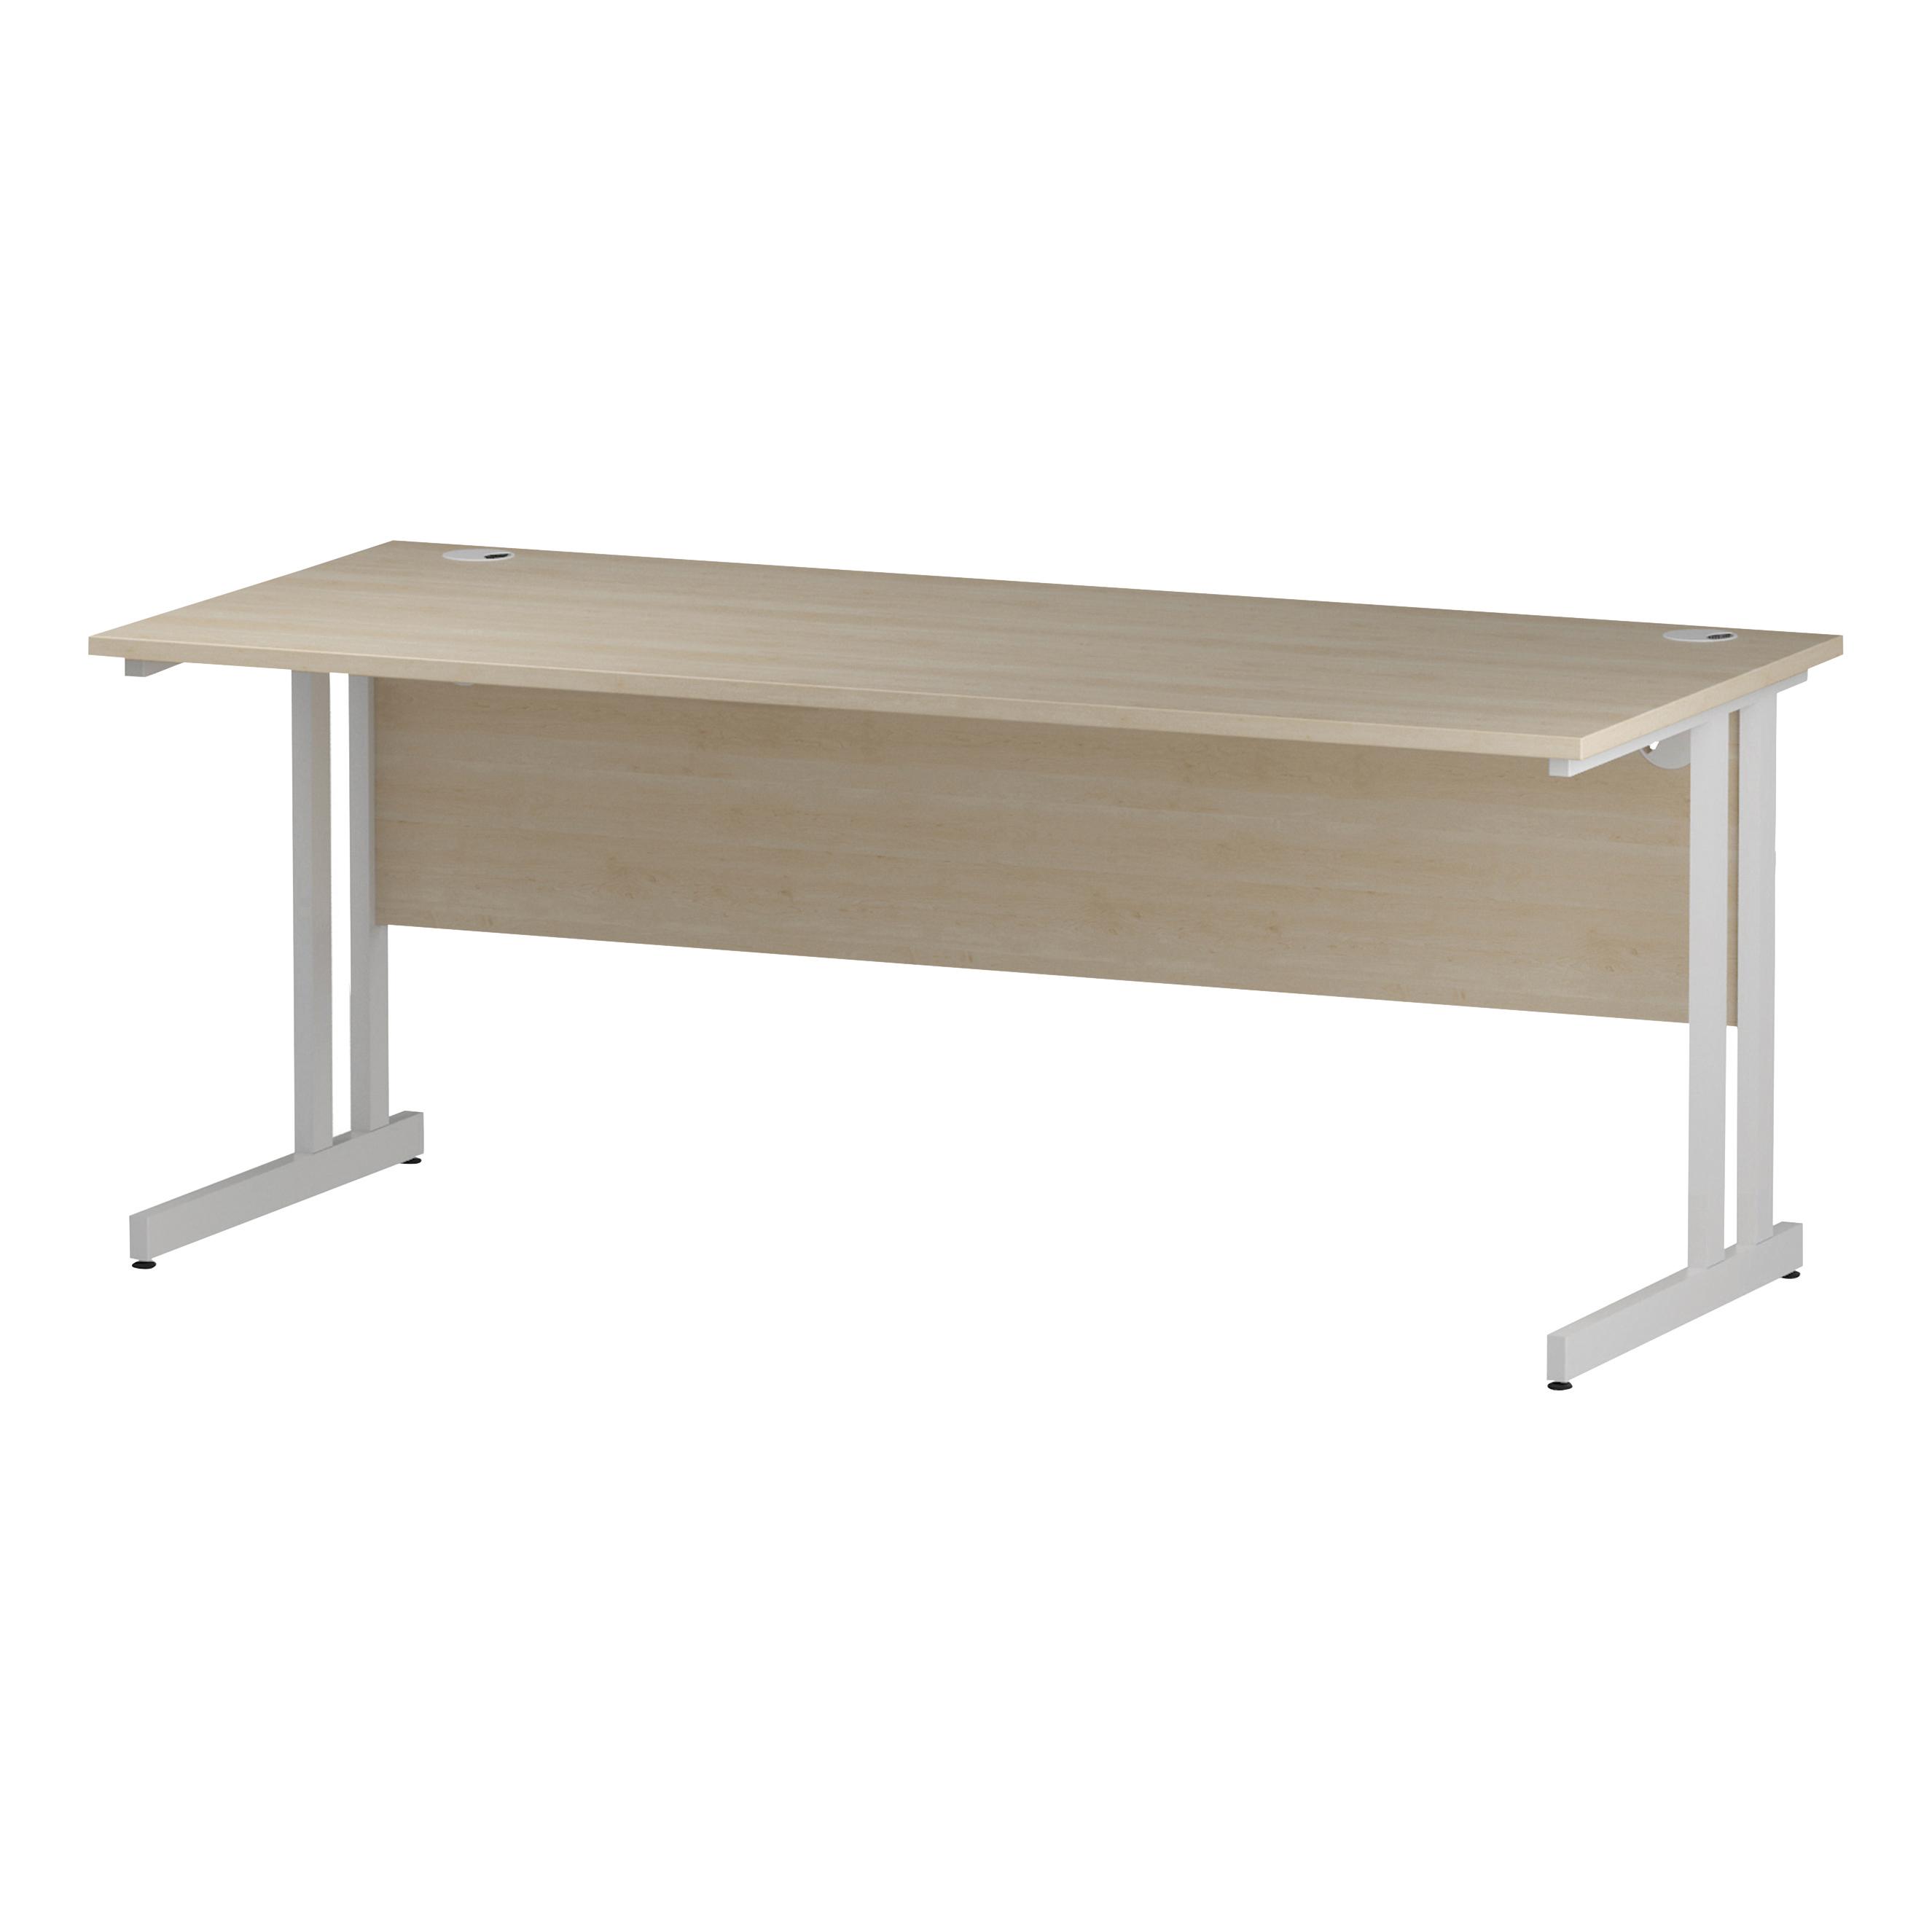 Trexus Rectangular Slim Desk White Cantilever Leg 1800x600mm Maple Ref I002430